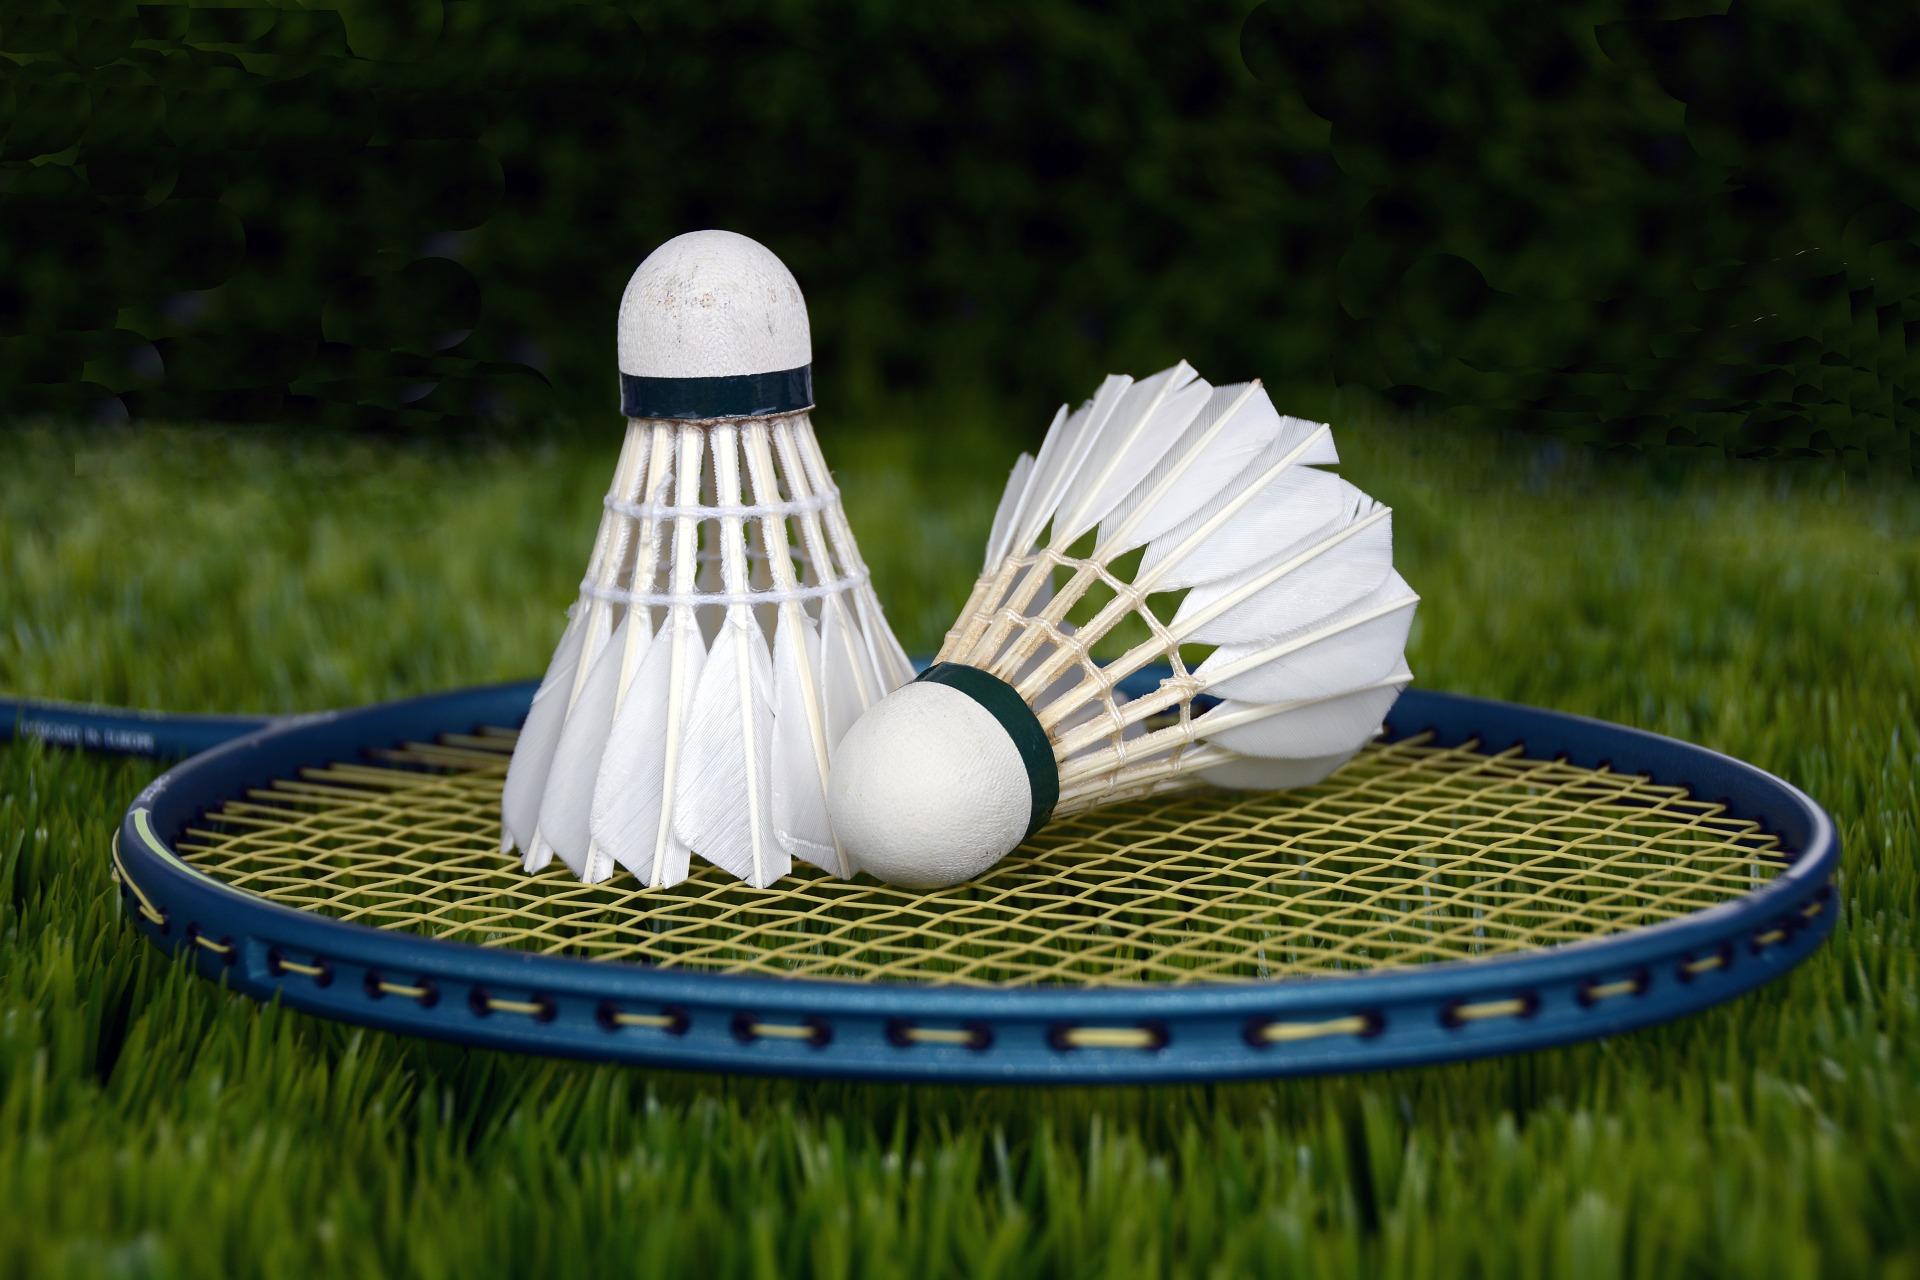 , Badminton In The Backyard, Best Garden, Home And DIY Tips